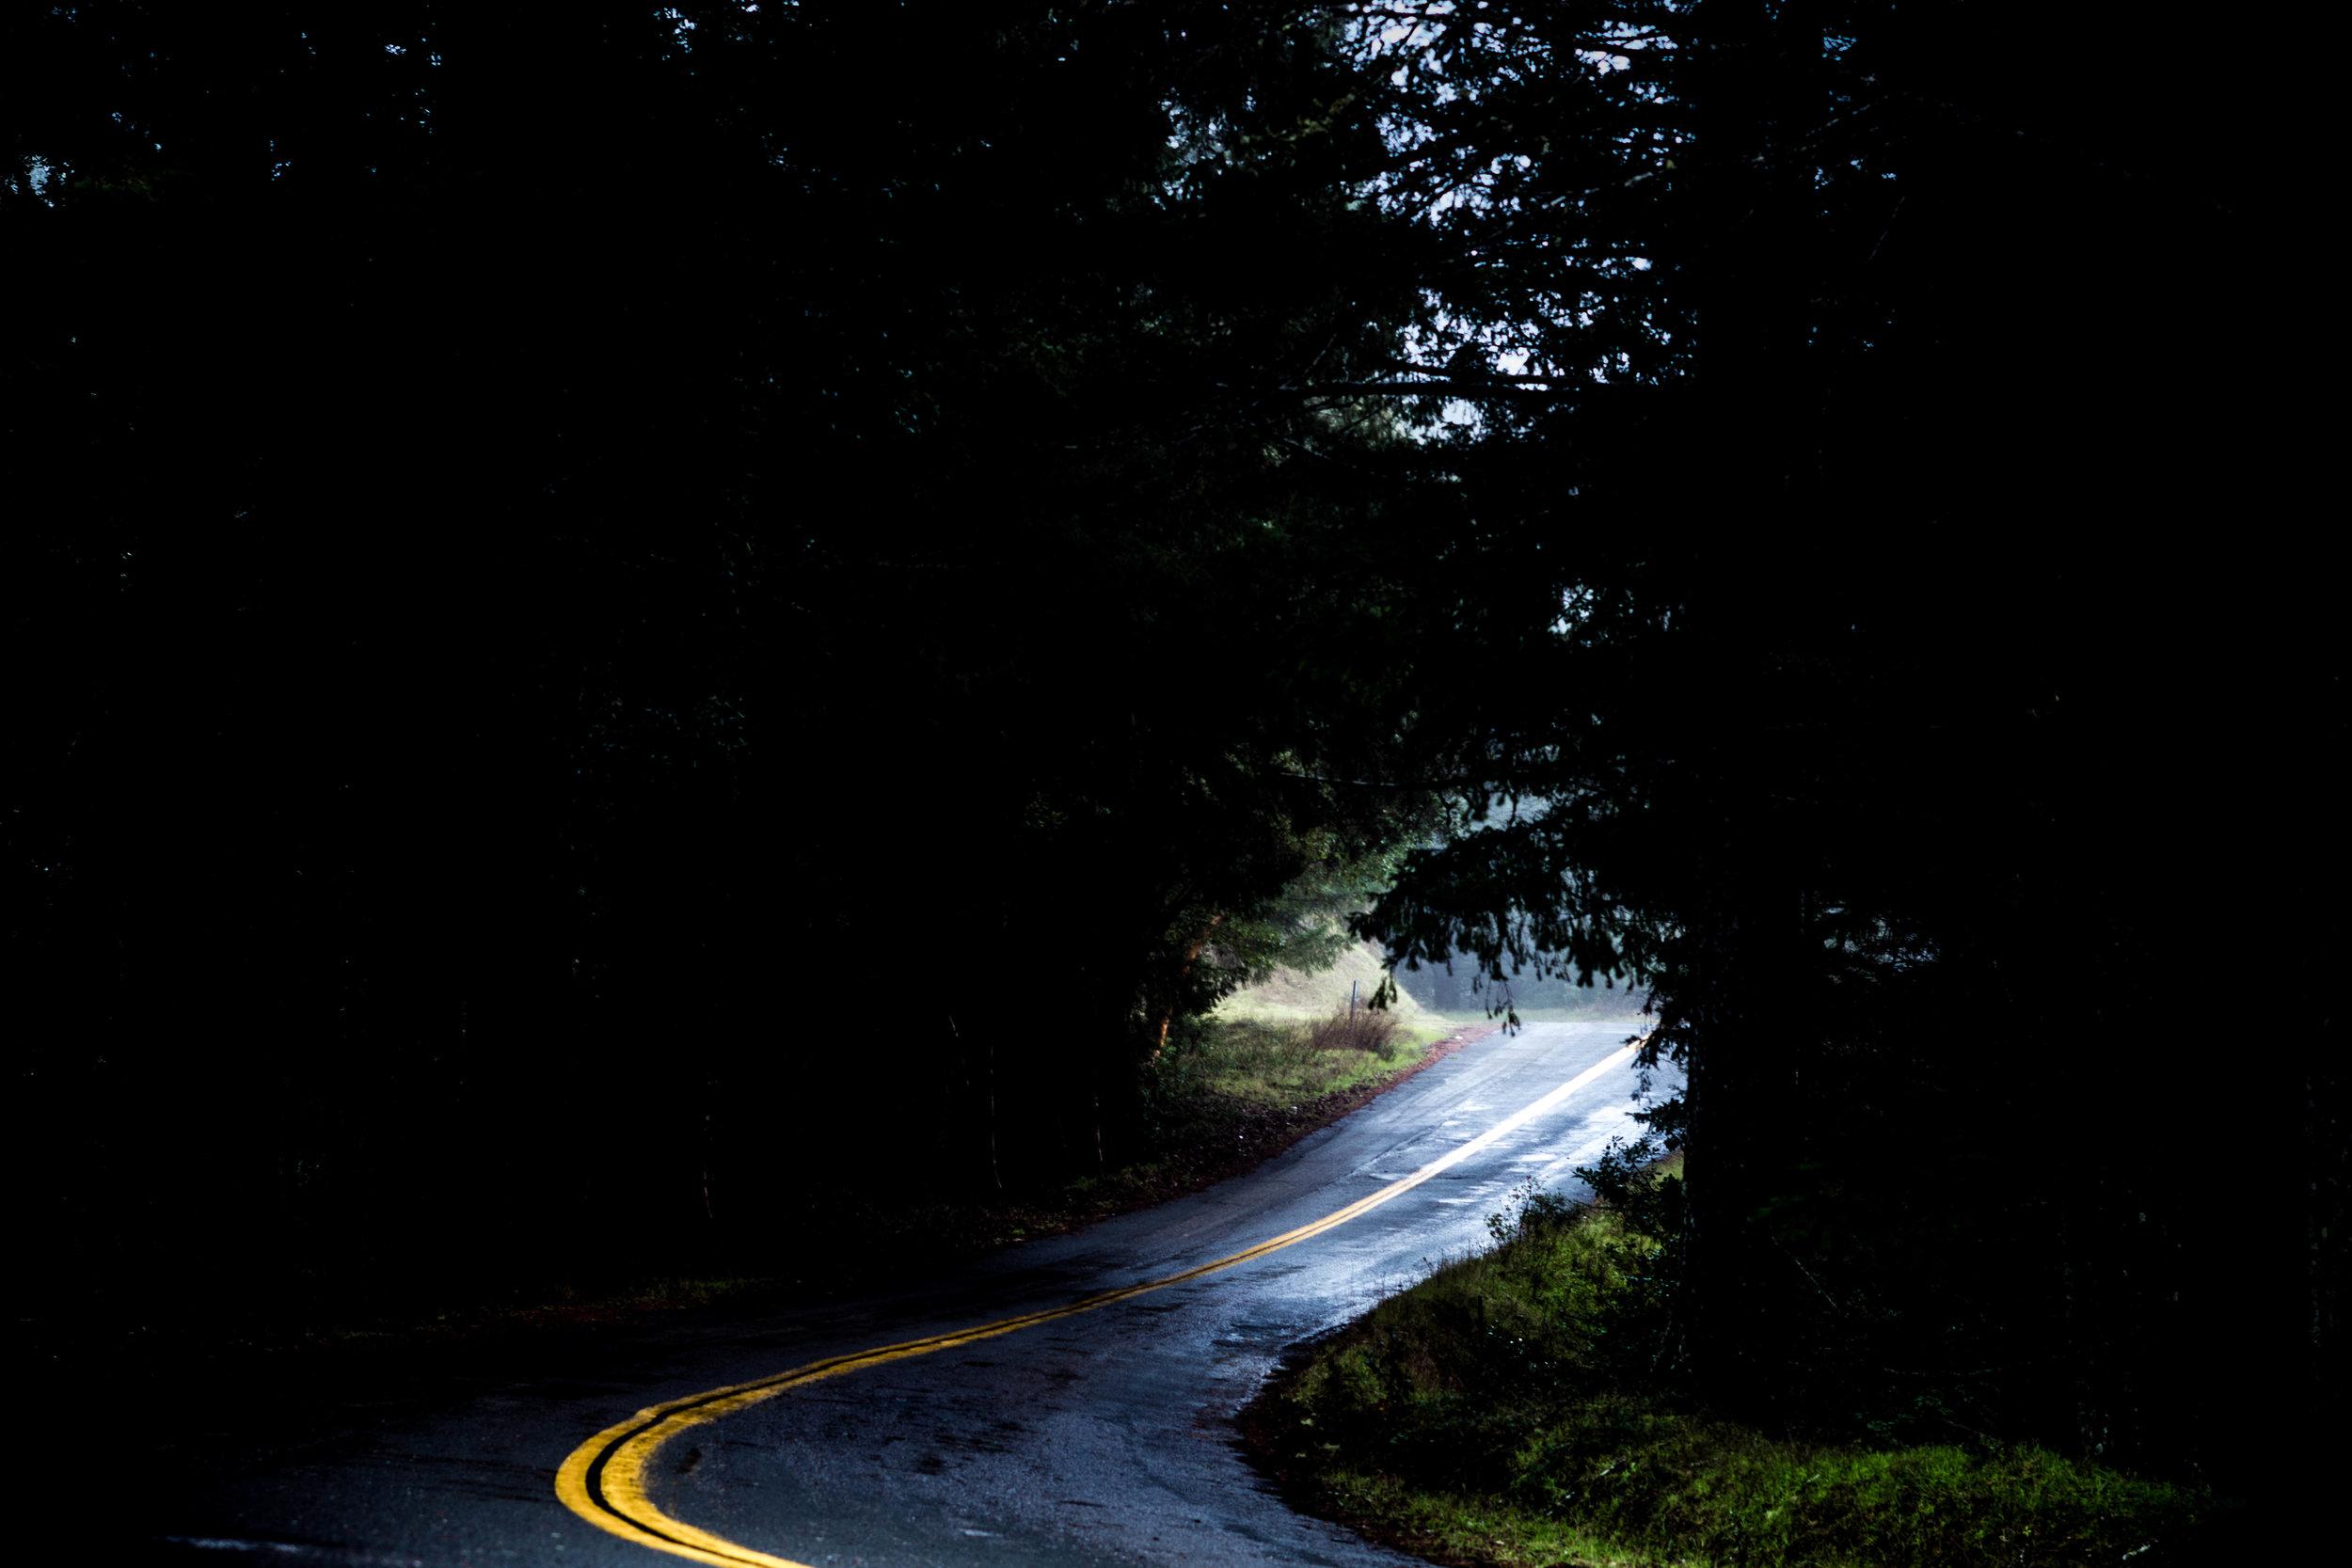 Windey Road in Cali.jpg